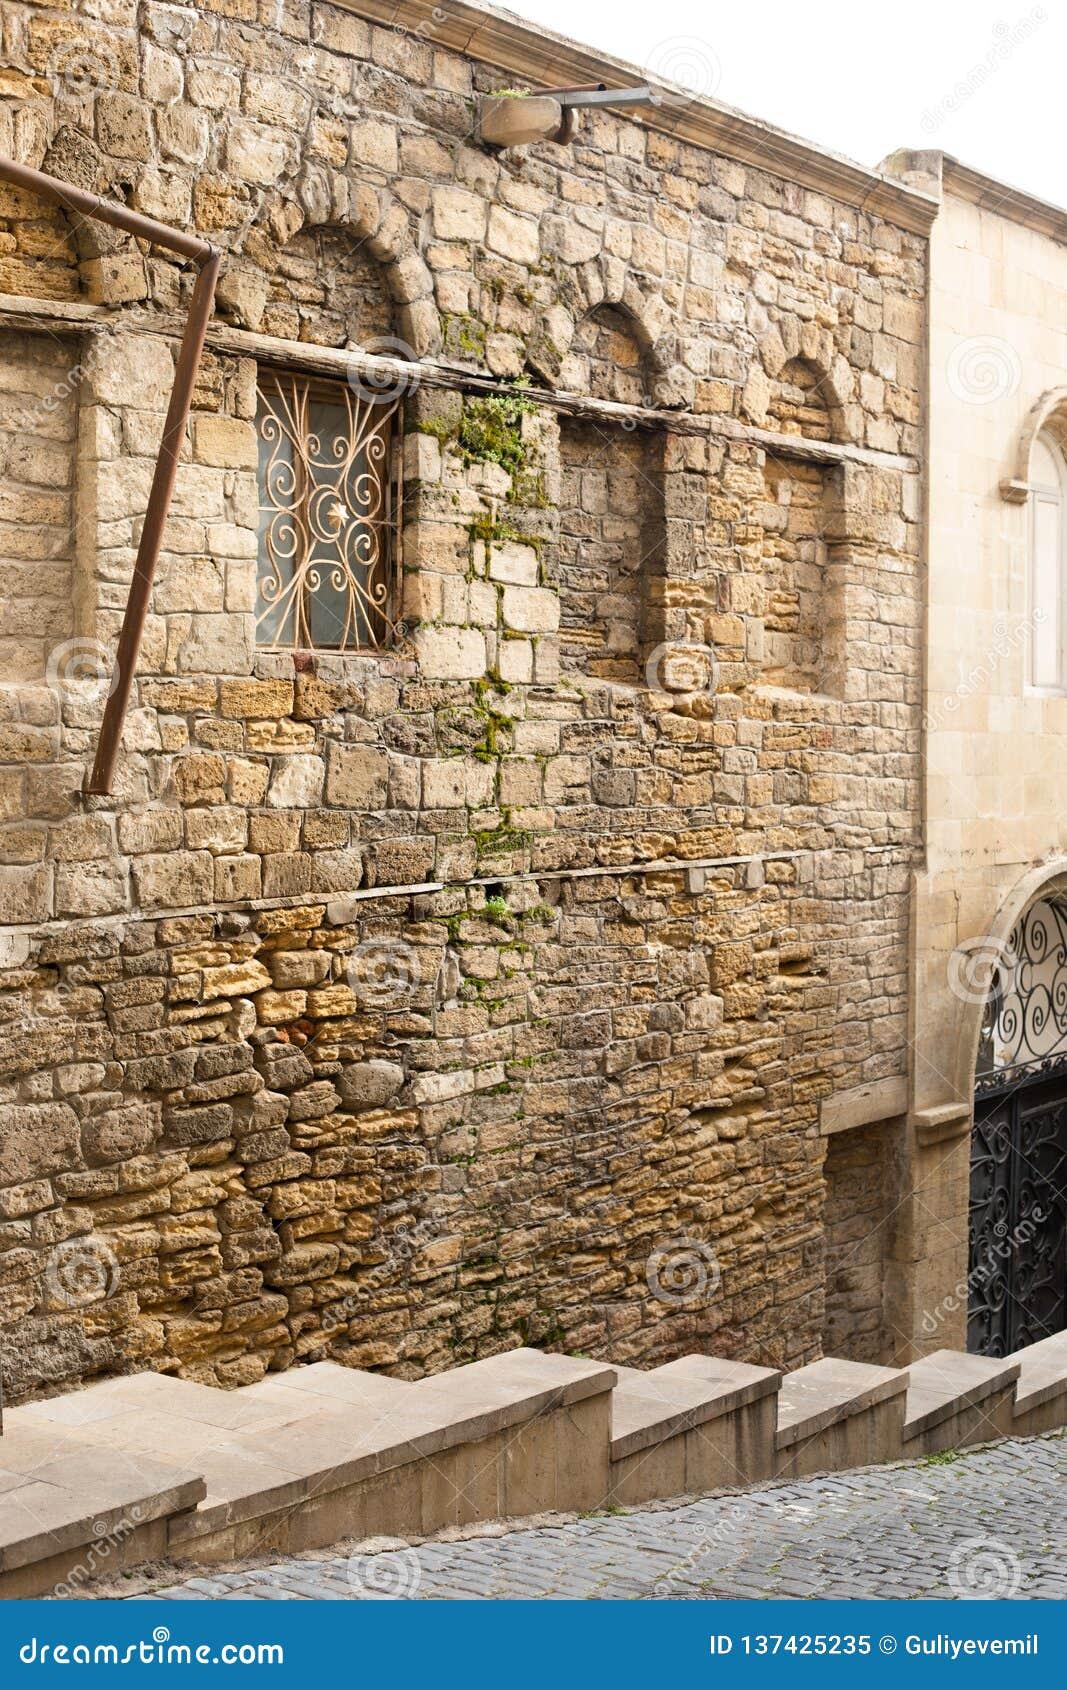 Узкие улочки старых города, старинных зданий и стен Баку, Азербайджан